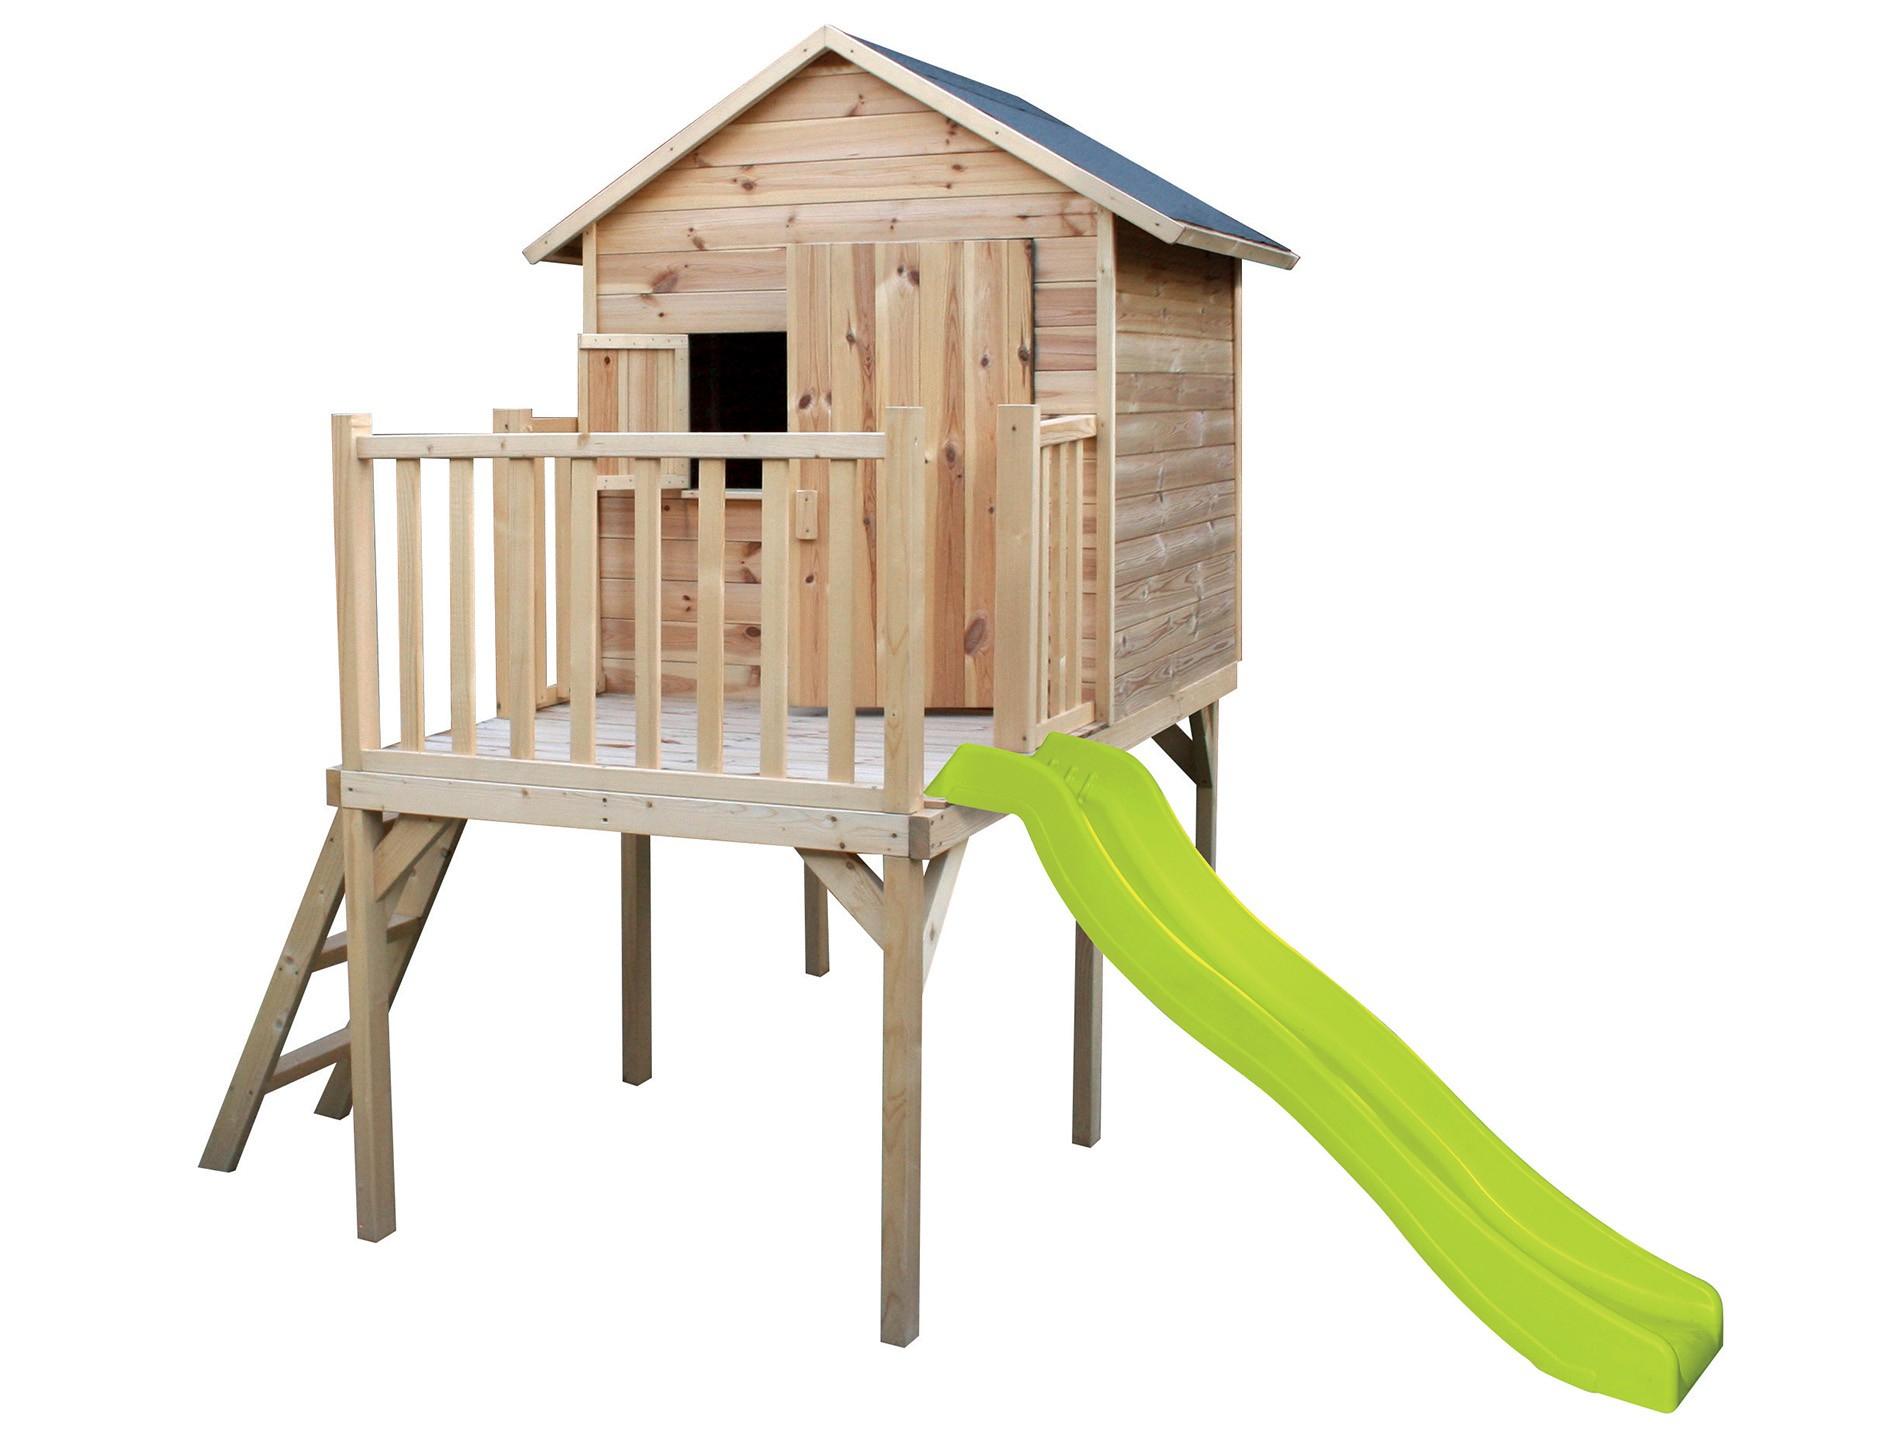 Jardin Cabane Enfant Igor En Bois Soulet Rangement Et ... pour Cabane De Jardin Enfant Bois